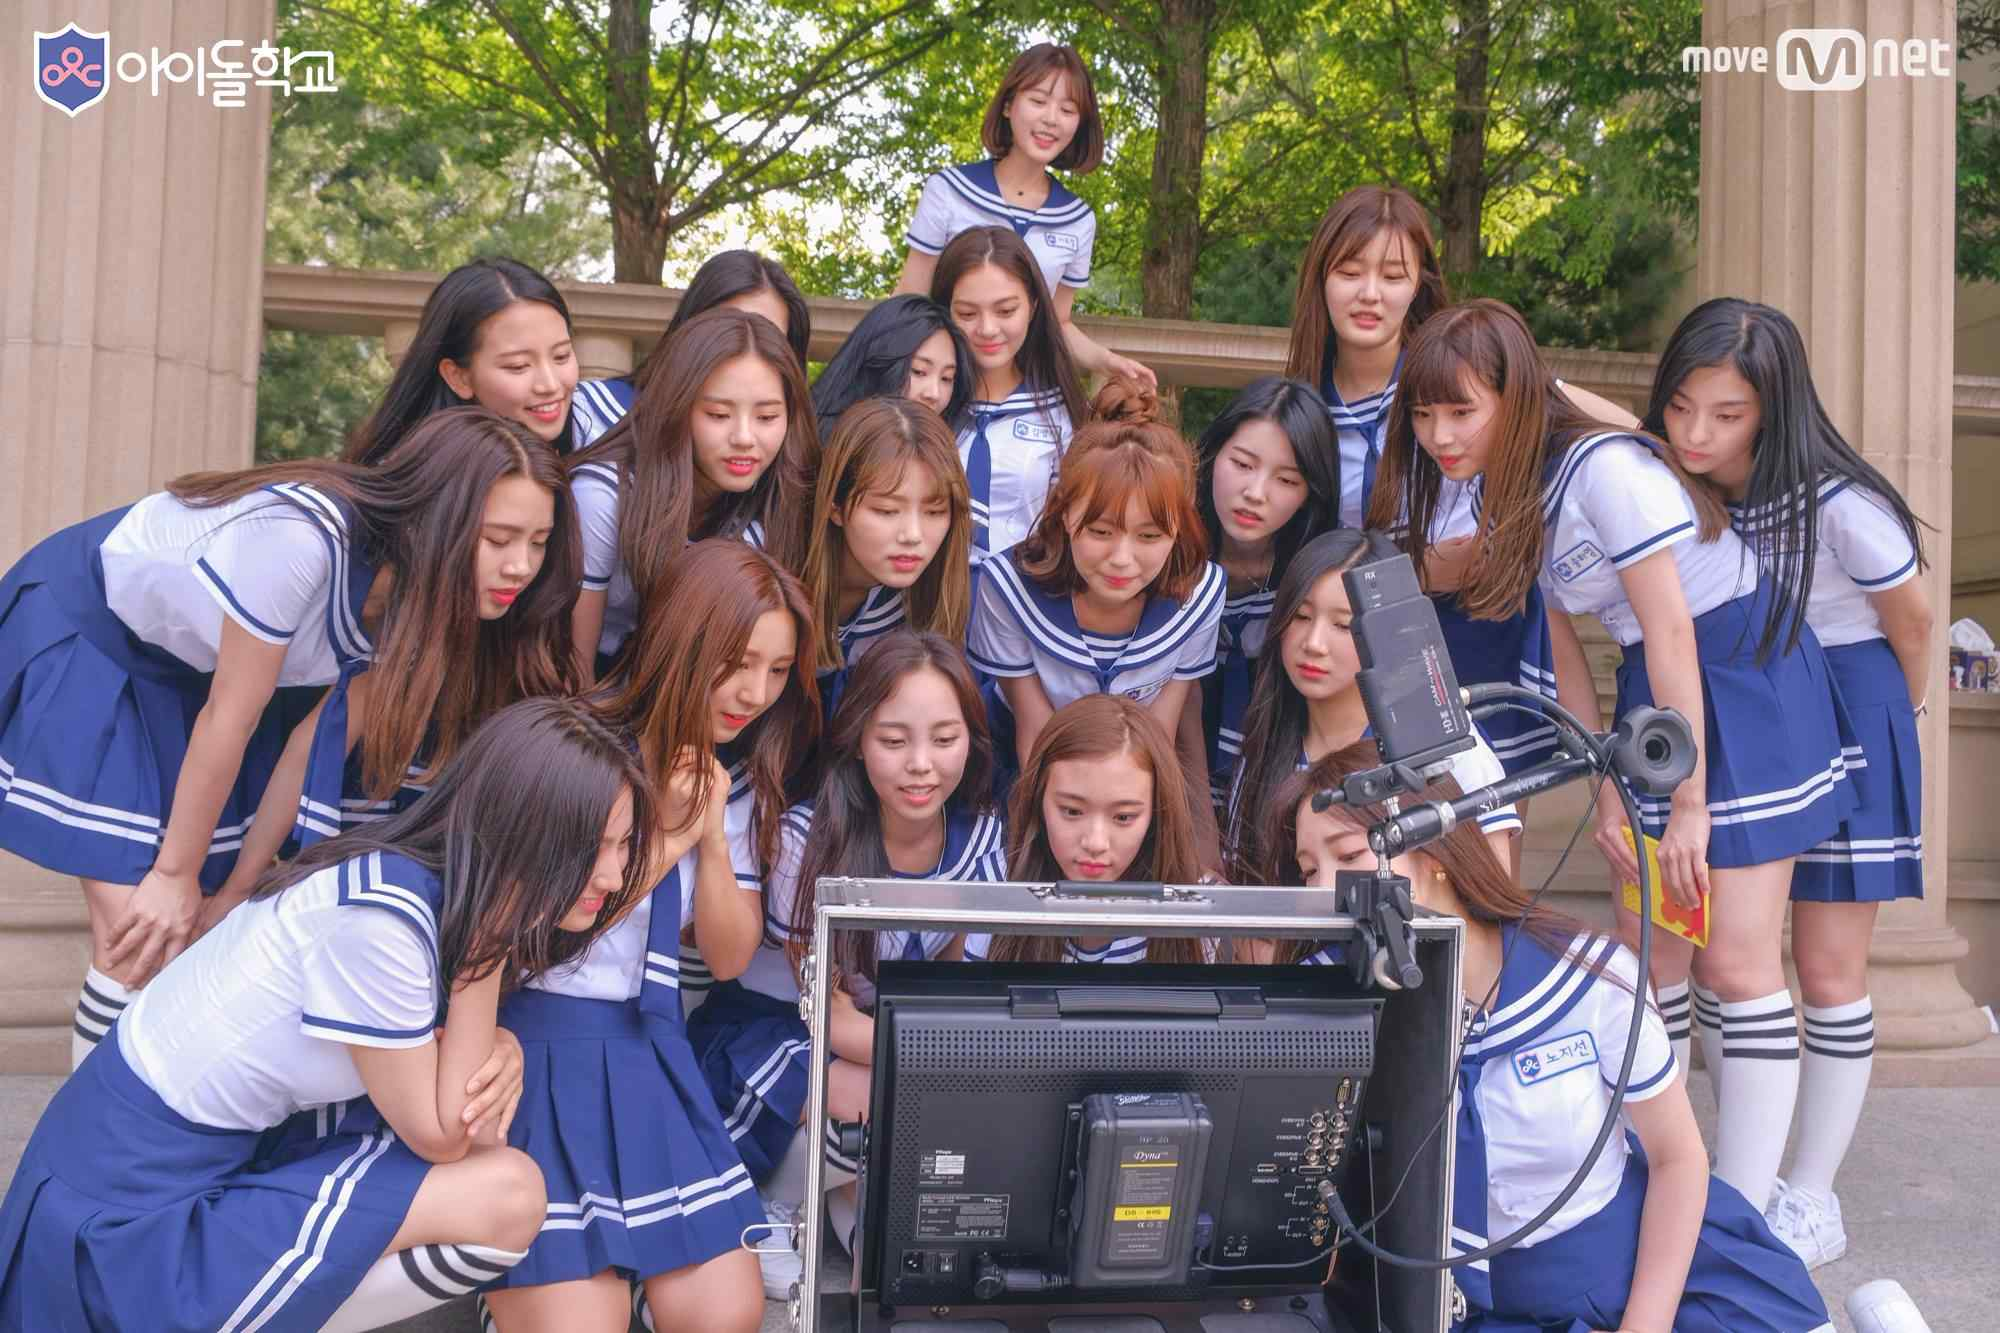 《偶像學校》表示「節目的初衷就是相信這些有著歌手夢想而努力的學生們都可以透過節目獲得成長,並最終可以出道!」 希望所有抱有夢想的女孩都能成功達成願望啊ㅠㅠ